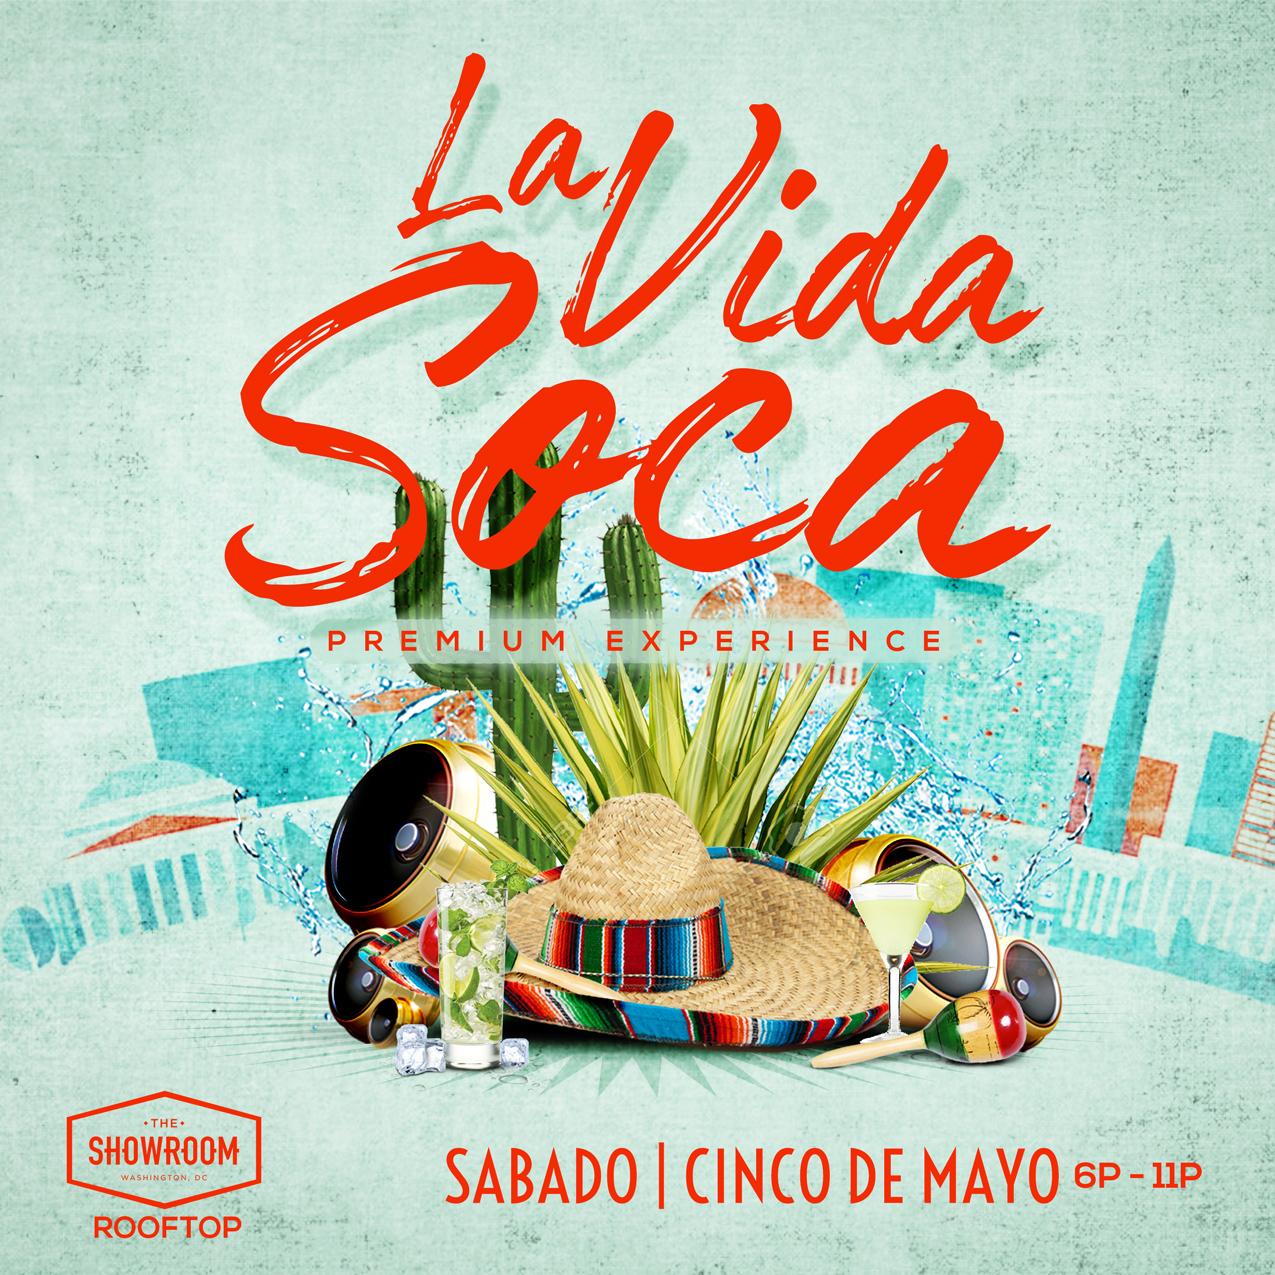 Sabado-Cinco-De-Mayo-Teaser_web01